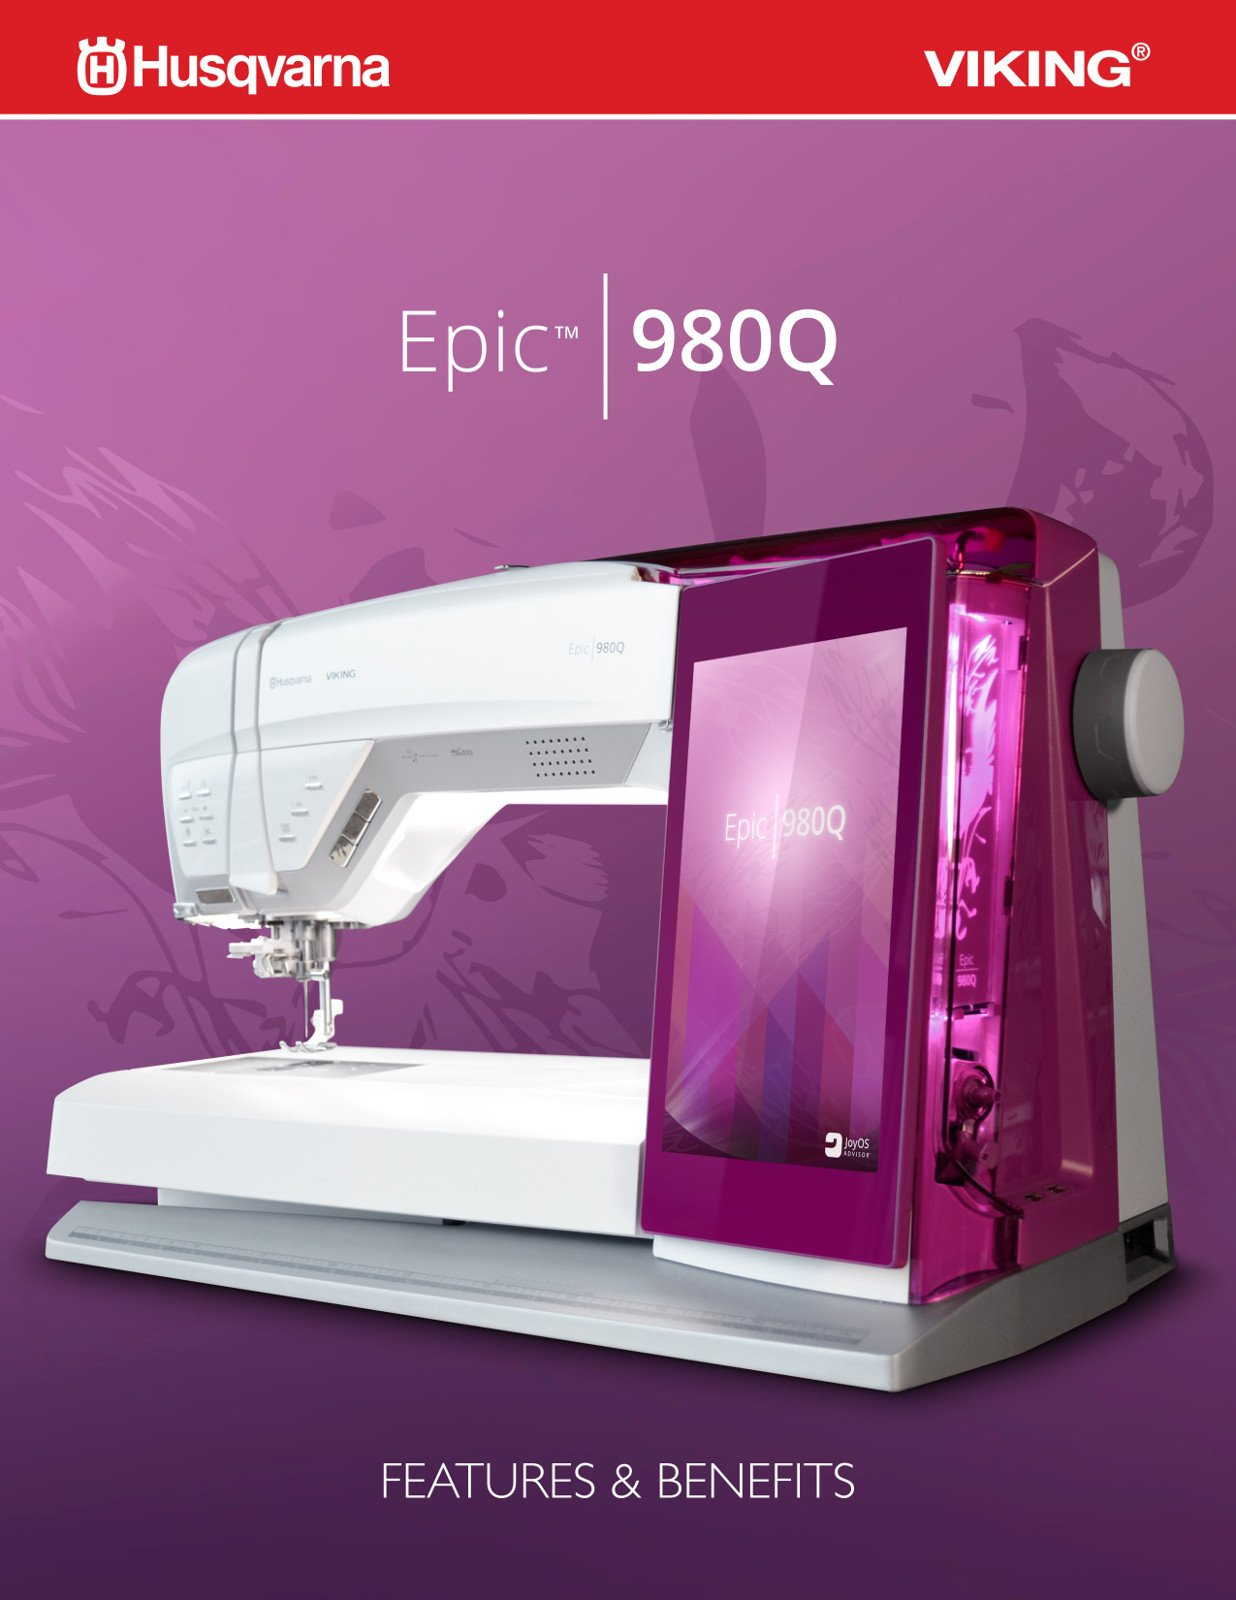 Husqvarna Epic Viking 980Q Now In Stock